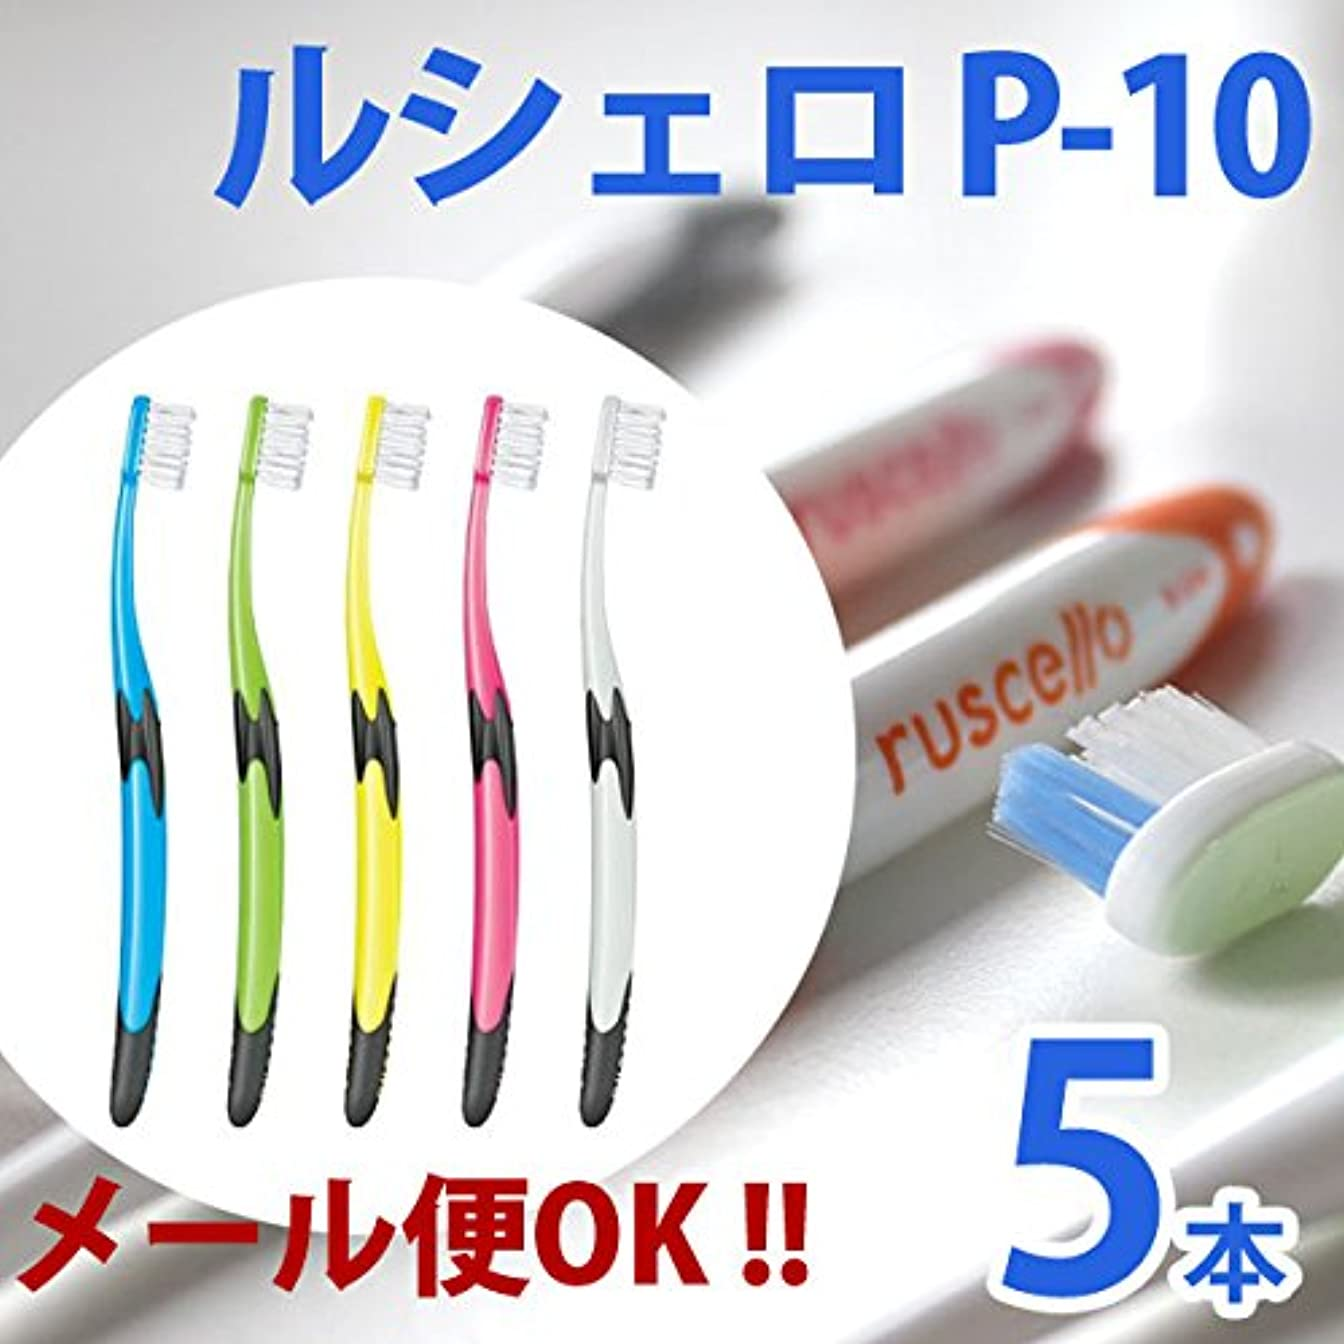 ルシェロ GCシェロ 歯ブラシP-10 5色アソート 5本セット 歯周疾患の方向け。極細のテーパー毛が Mふつう